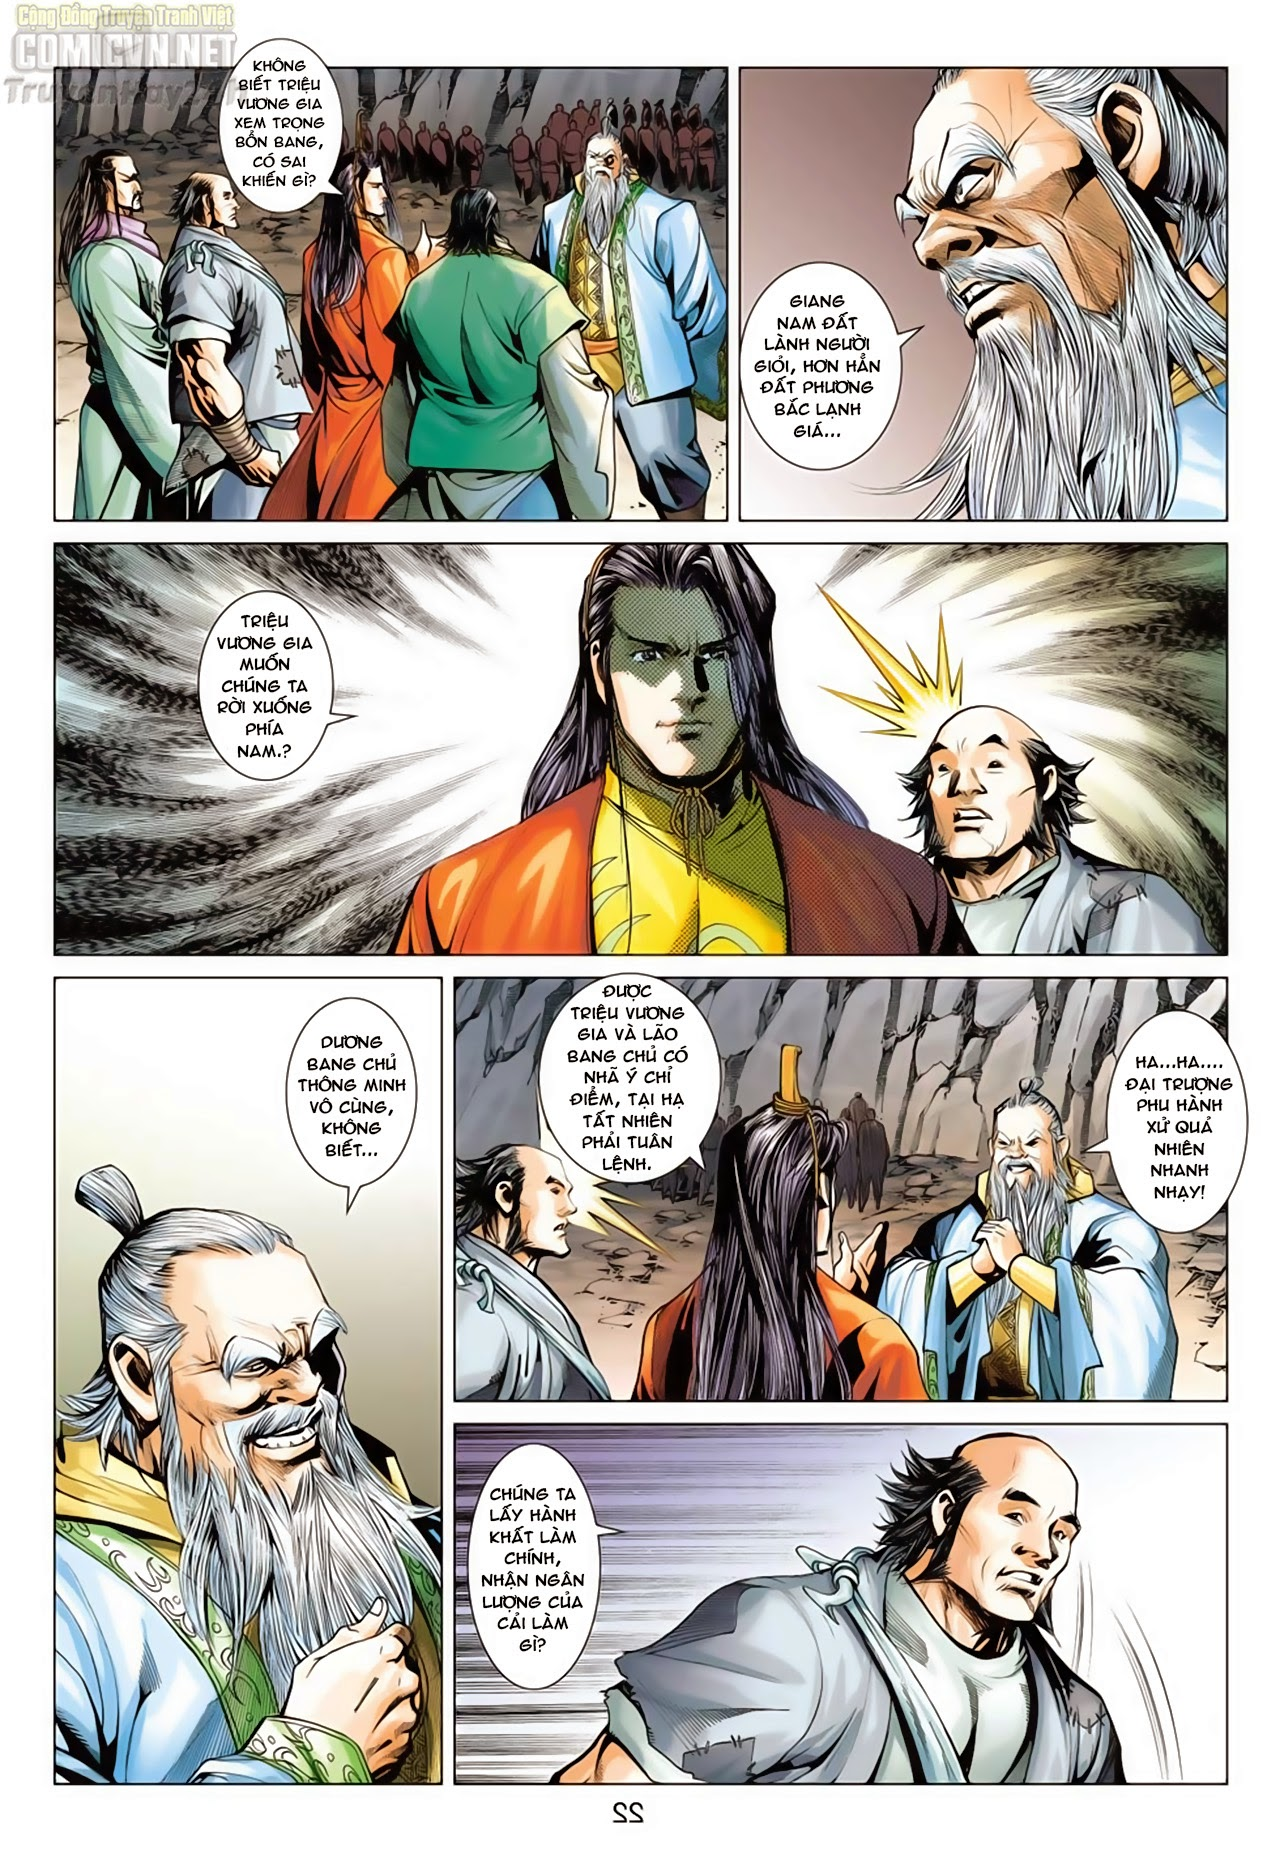 Anh Hùng Xạ Điêu anh hùng xạ đêu chap 66: nhạc châu đại hội trang 22